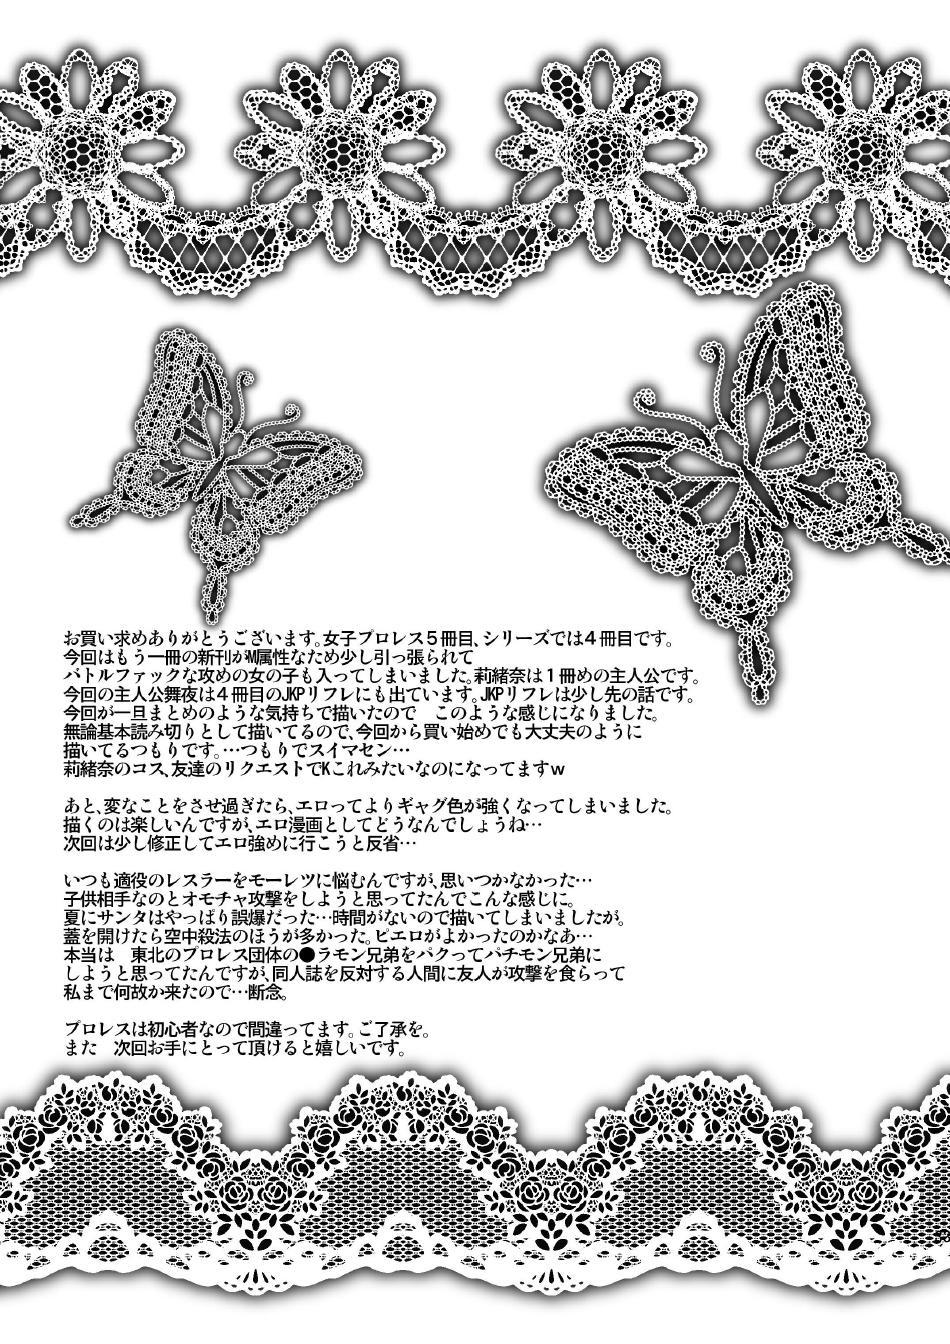 Ochita JK Wrestler 32